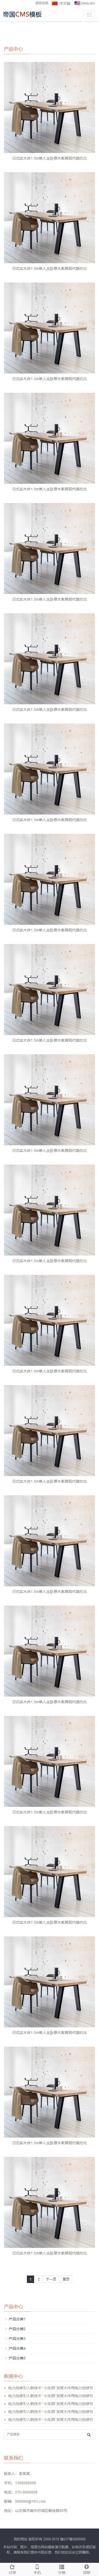 中英文双语自适应帝国cms企业网站模板外贸企业网站源码_手机版产品页